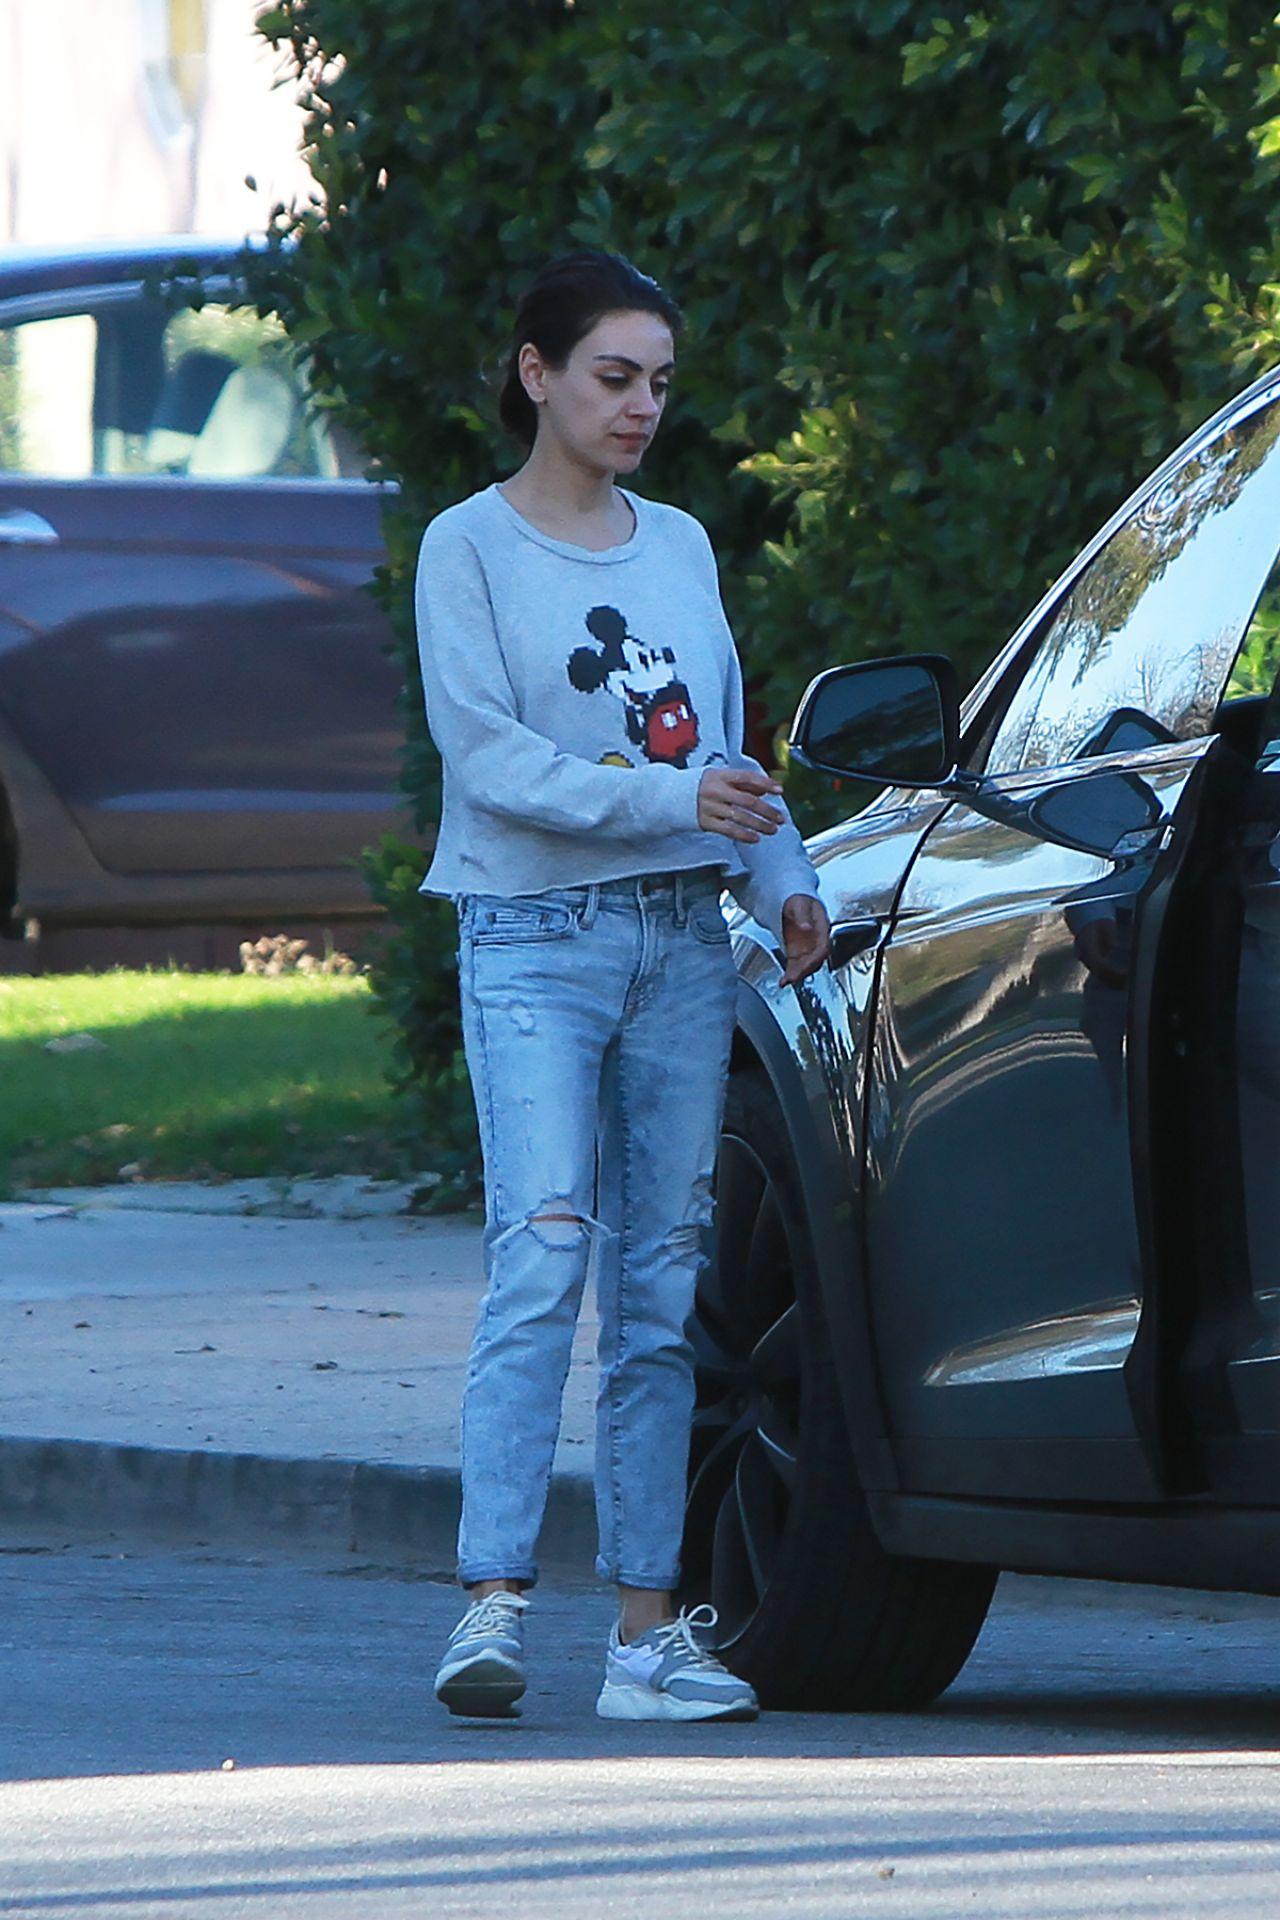 Mila Kunis Wearing A Mickey Mouse Sweater In La 01 24 2019